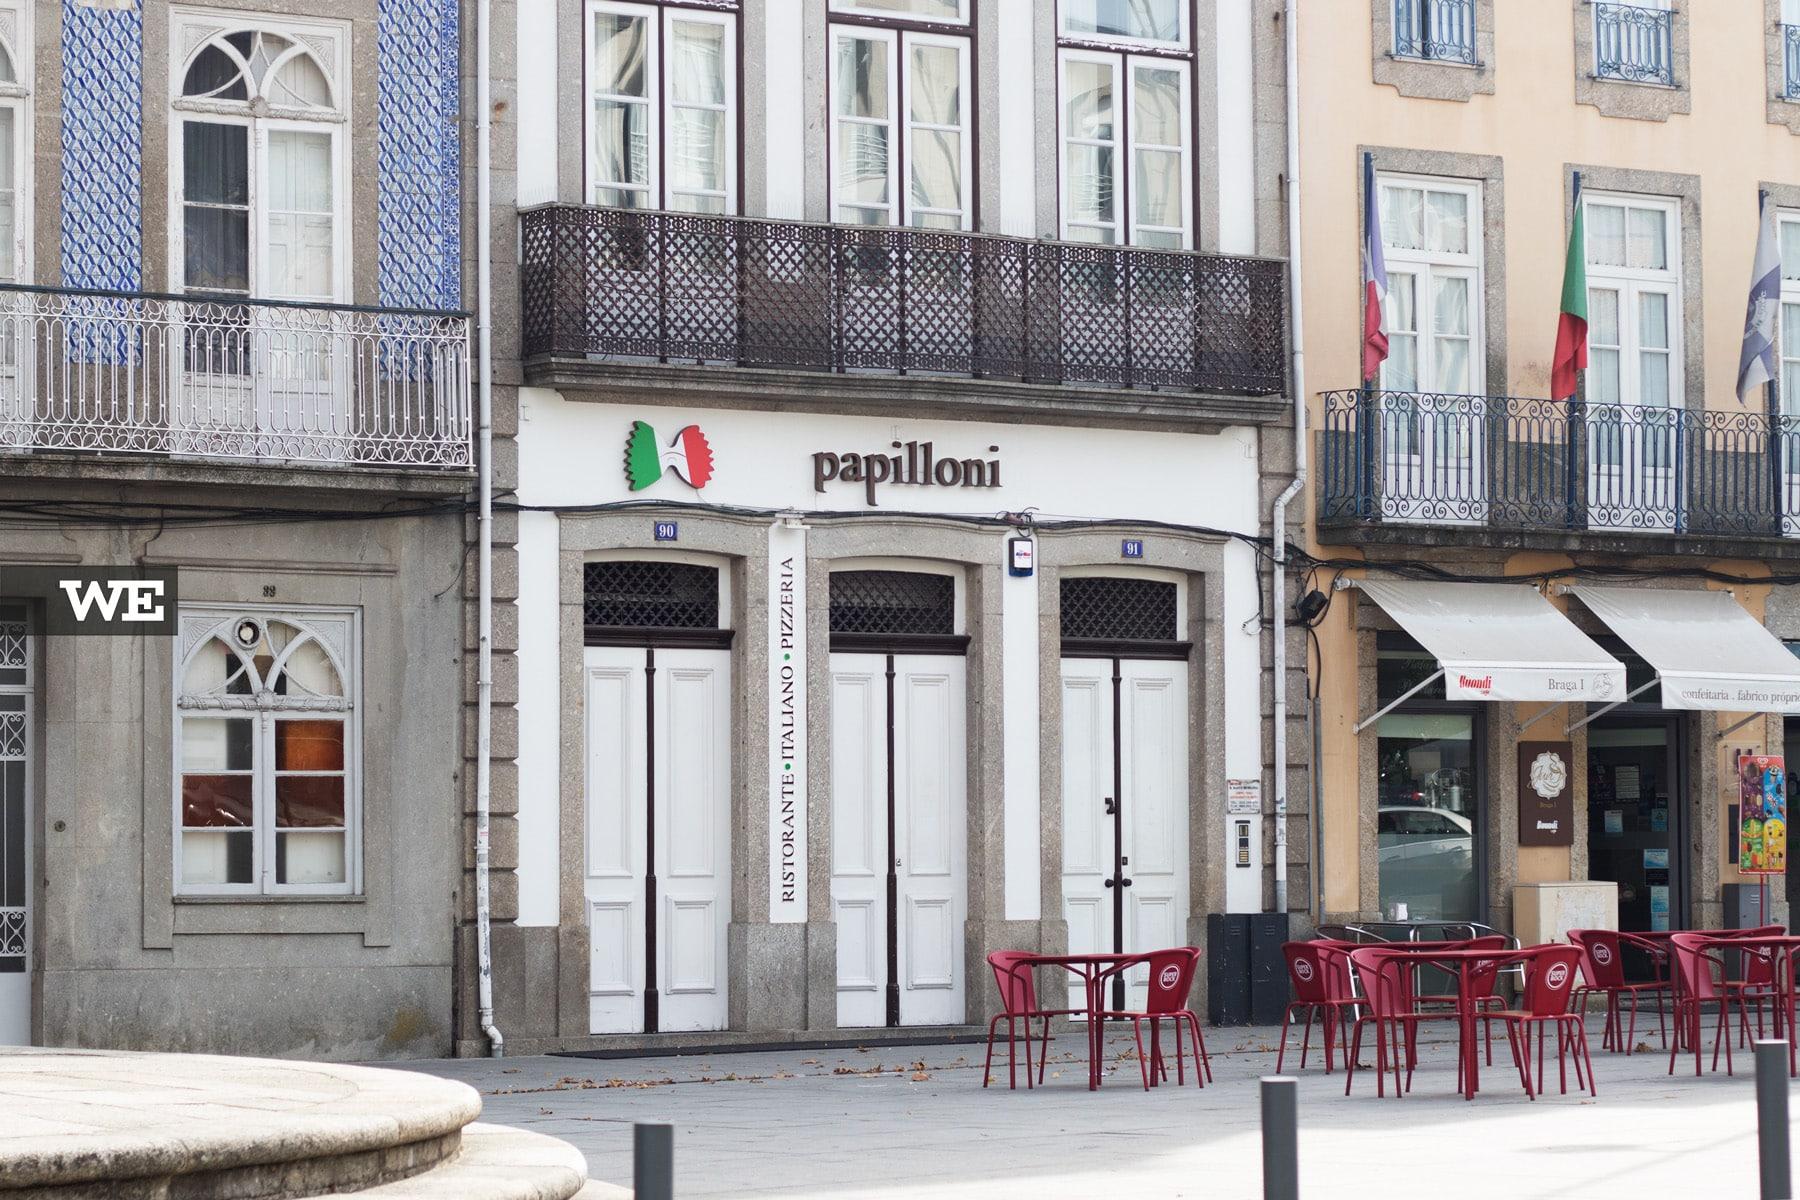 Papilloni Pizzarias Braga